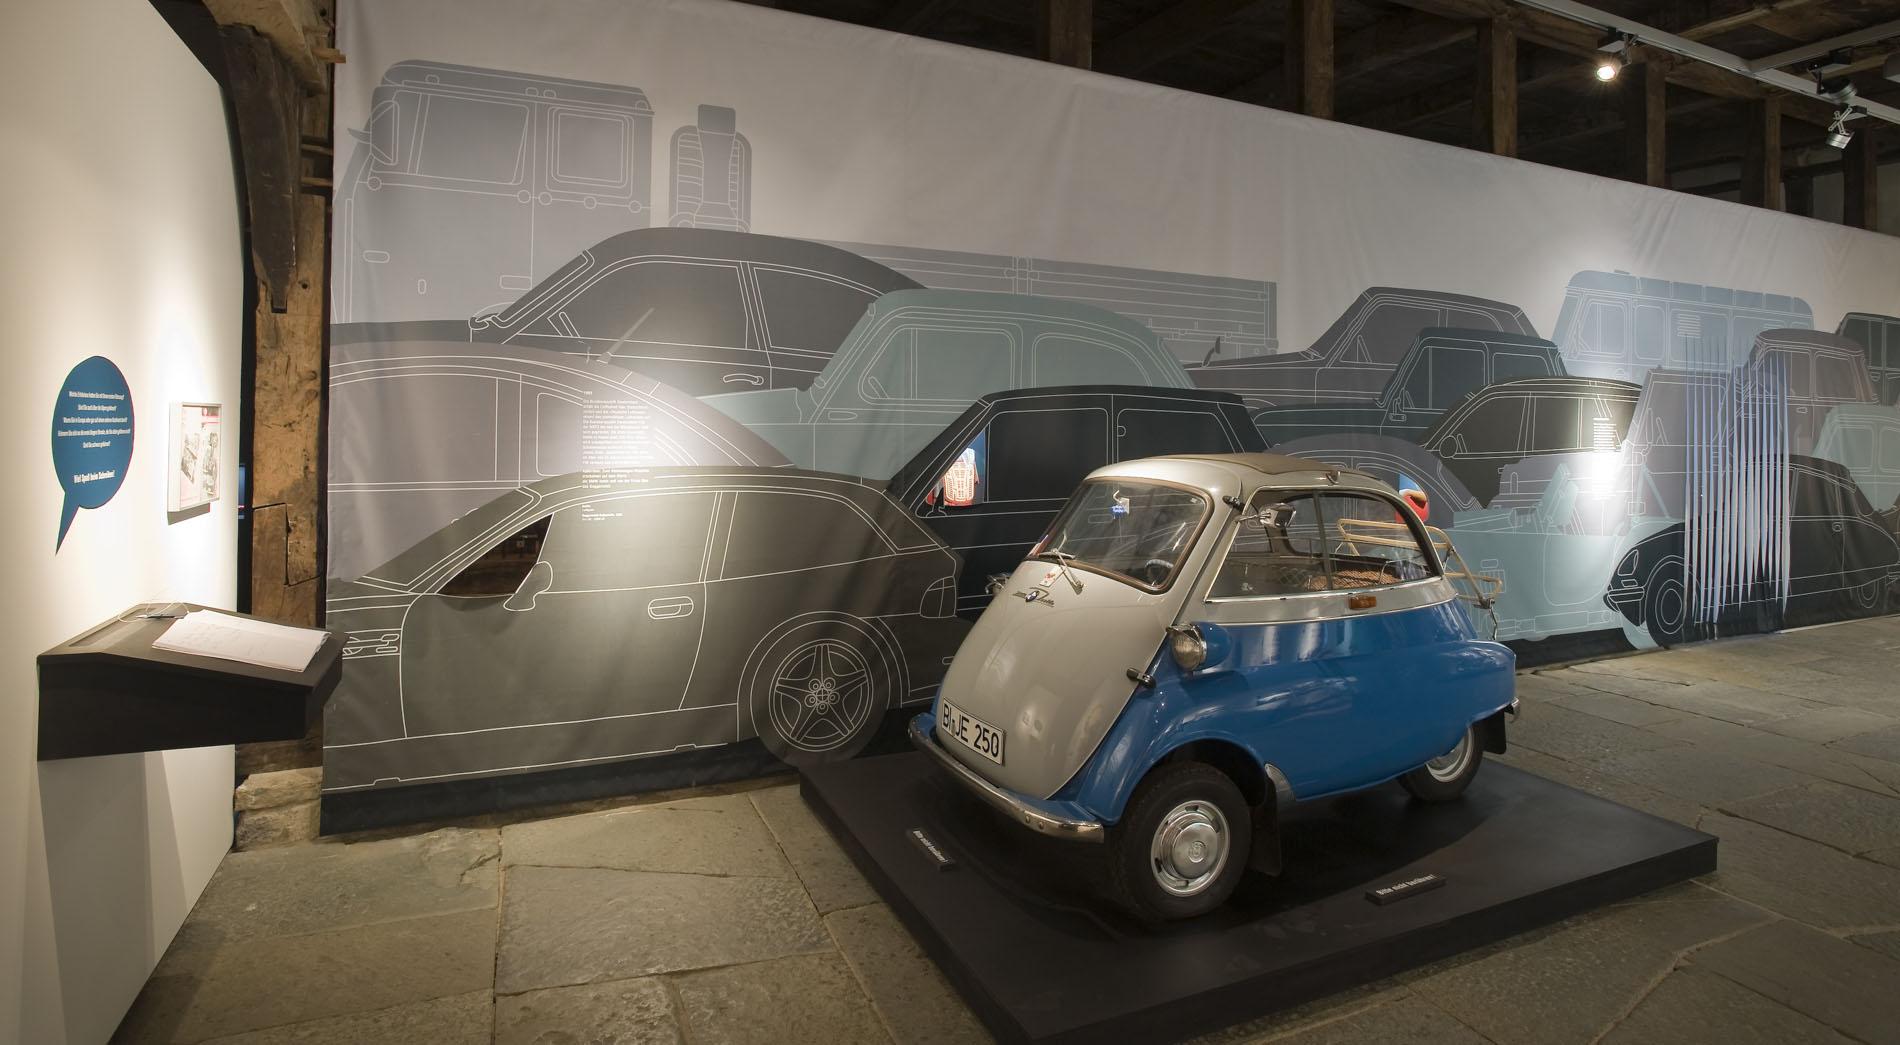 Isetta im Stau, Mein erstes Fahrzeug, Freilichtmuseum Detmold